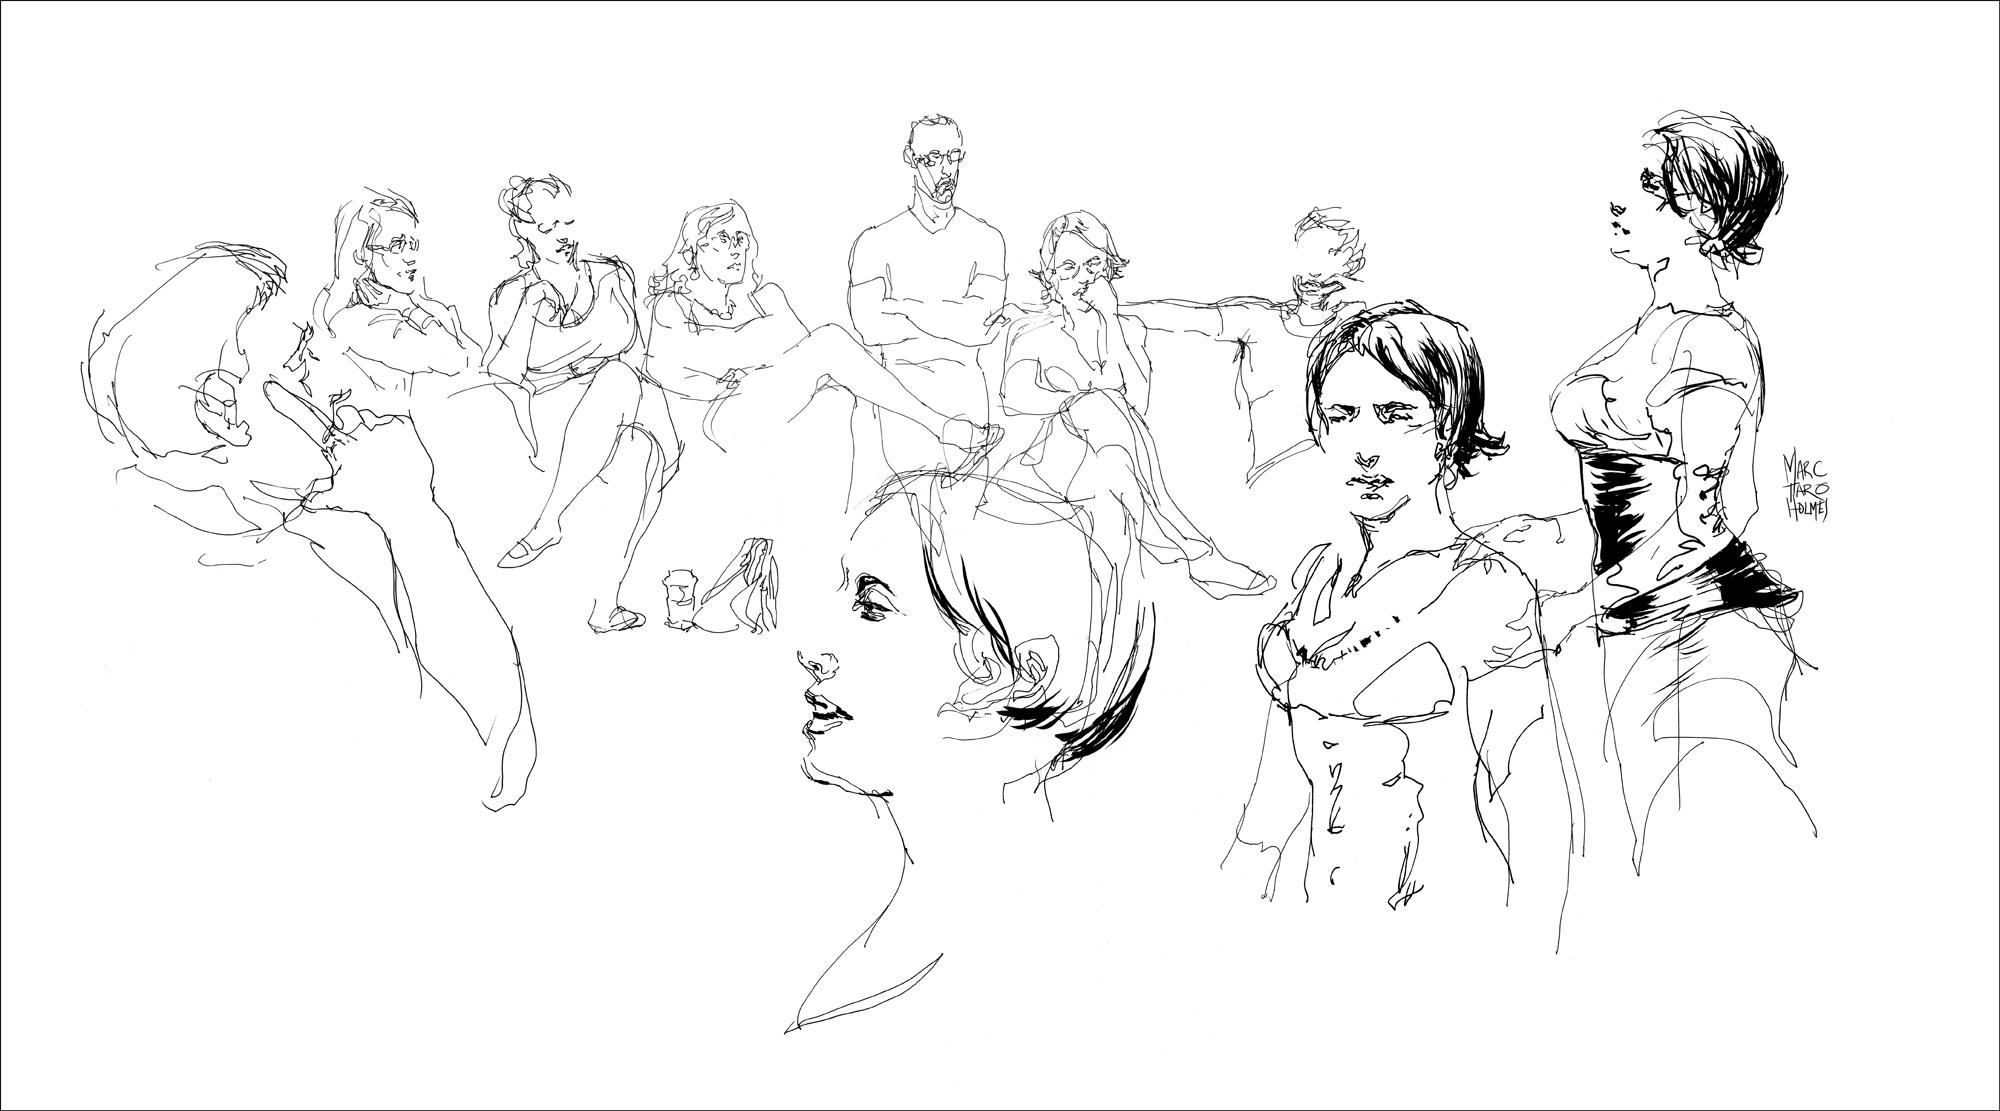 2000x1111 Meeting Doodles The Pen Is Always Moving Citizen Sketcher